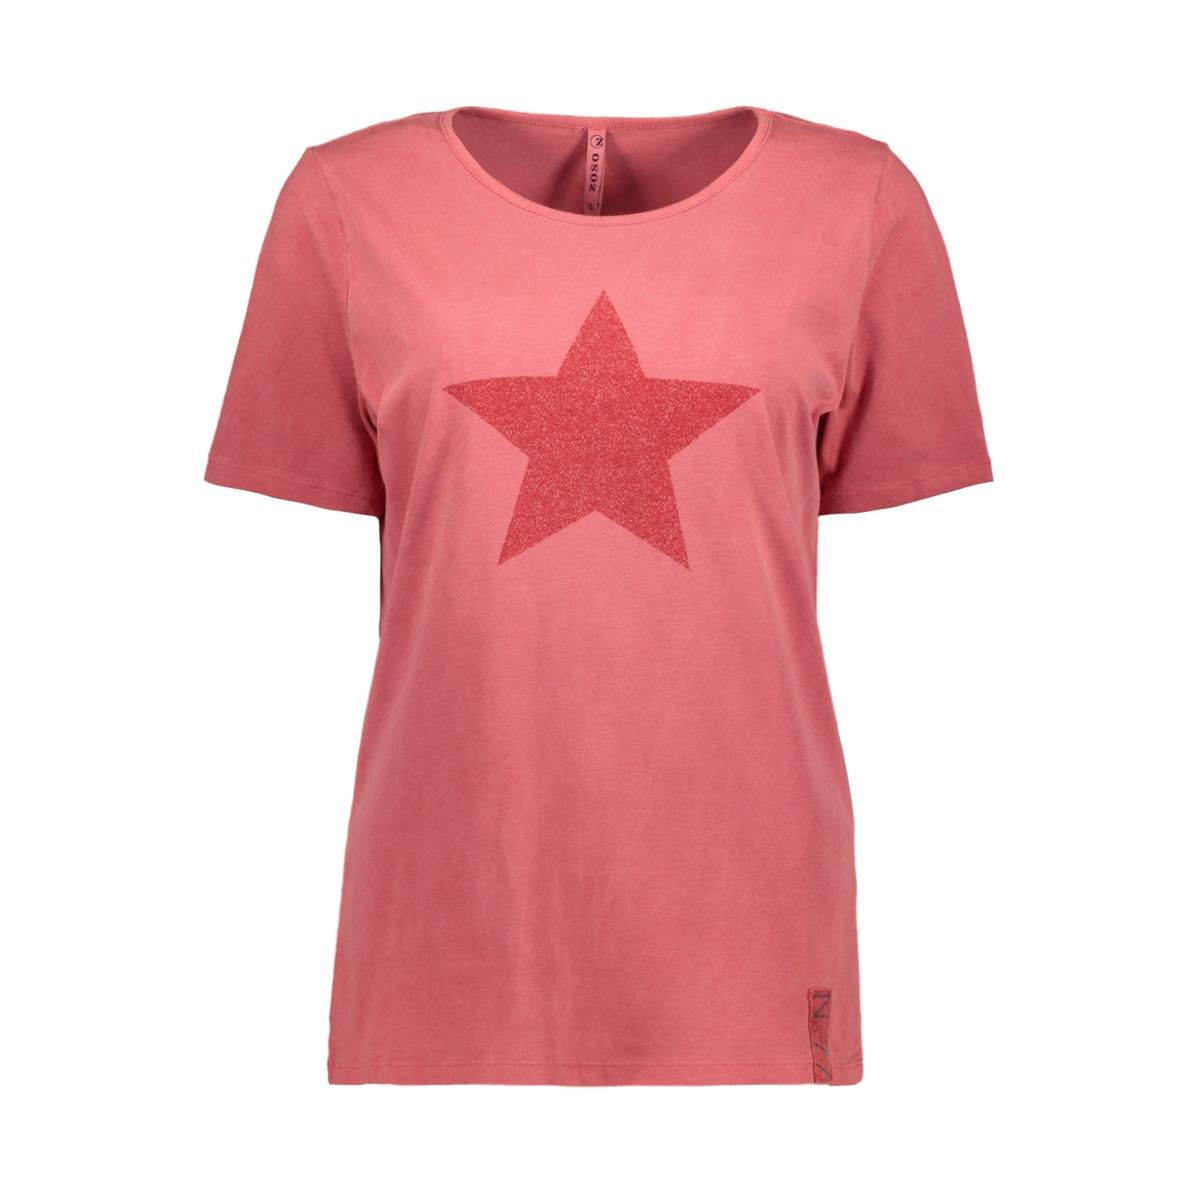 marvel garment dye t shirt 201 zoso t-shirt 0072 desert red